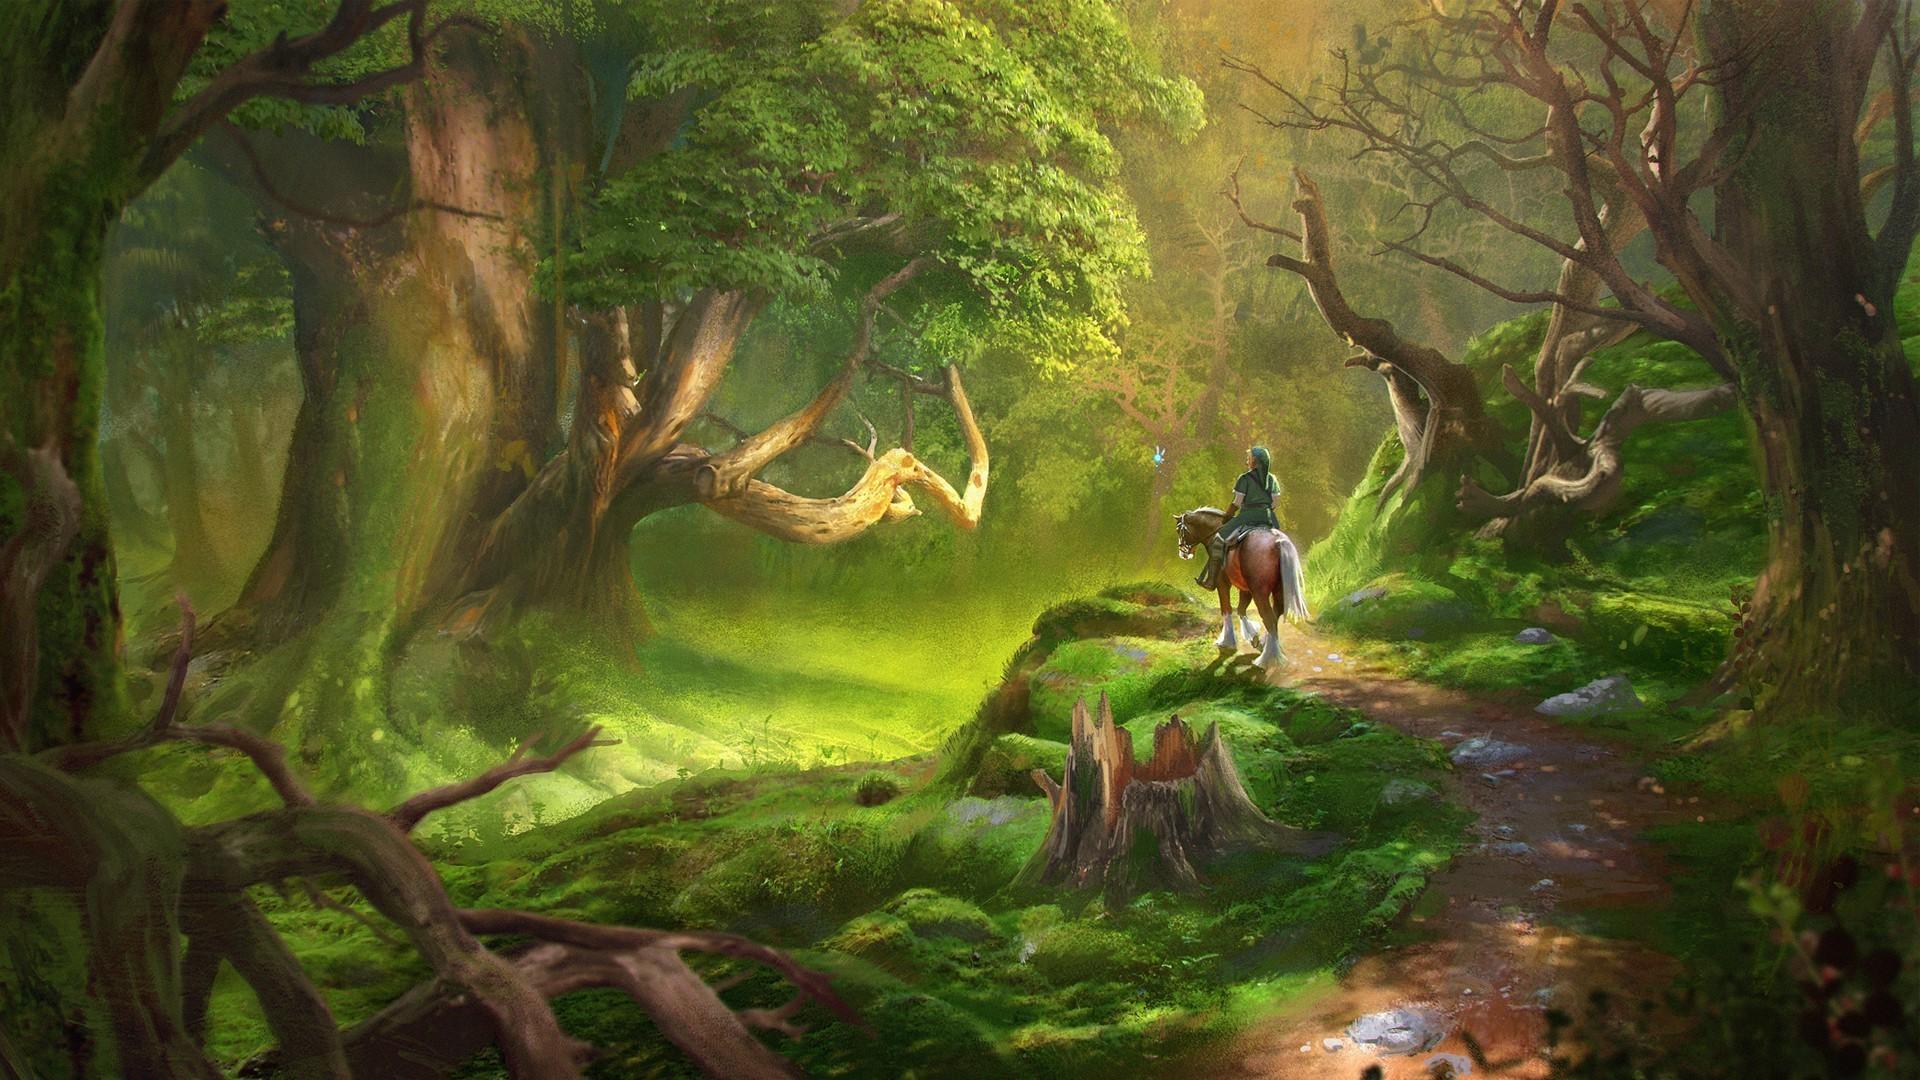 Legend Of Zelda Background 83 Images